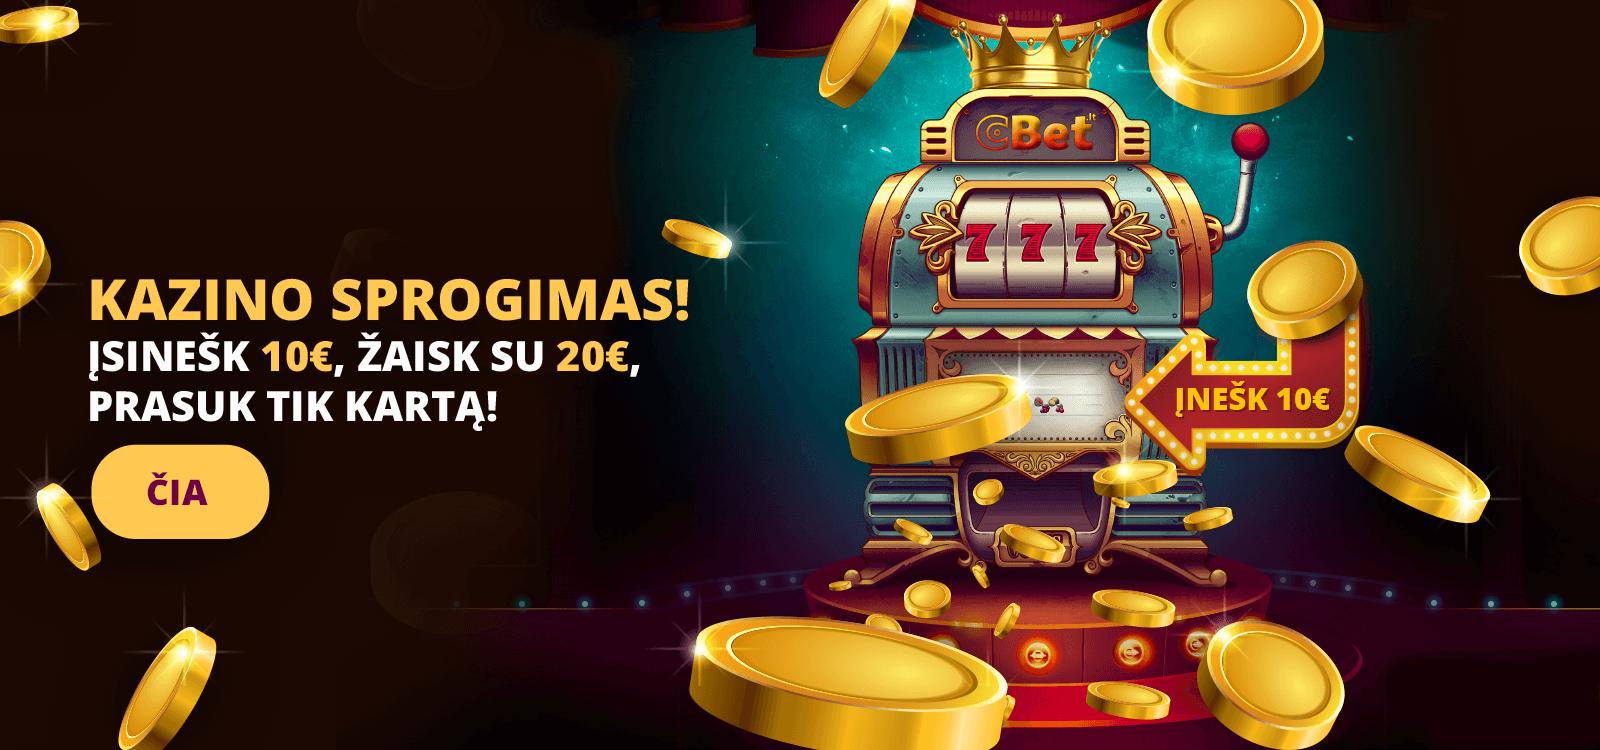 Cbet_kazino_inesk10_1600x750